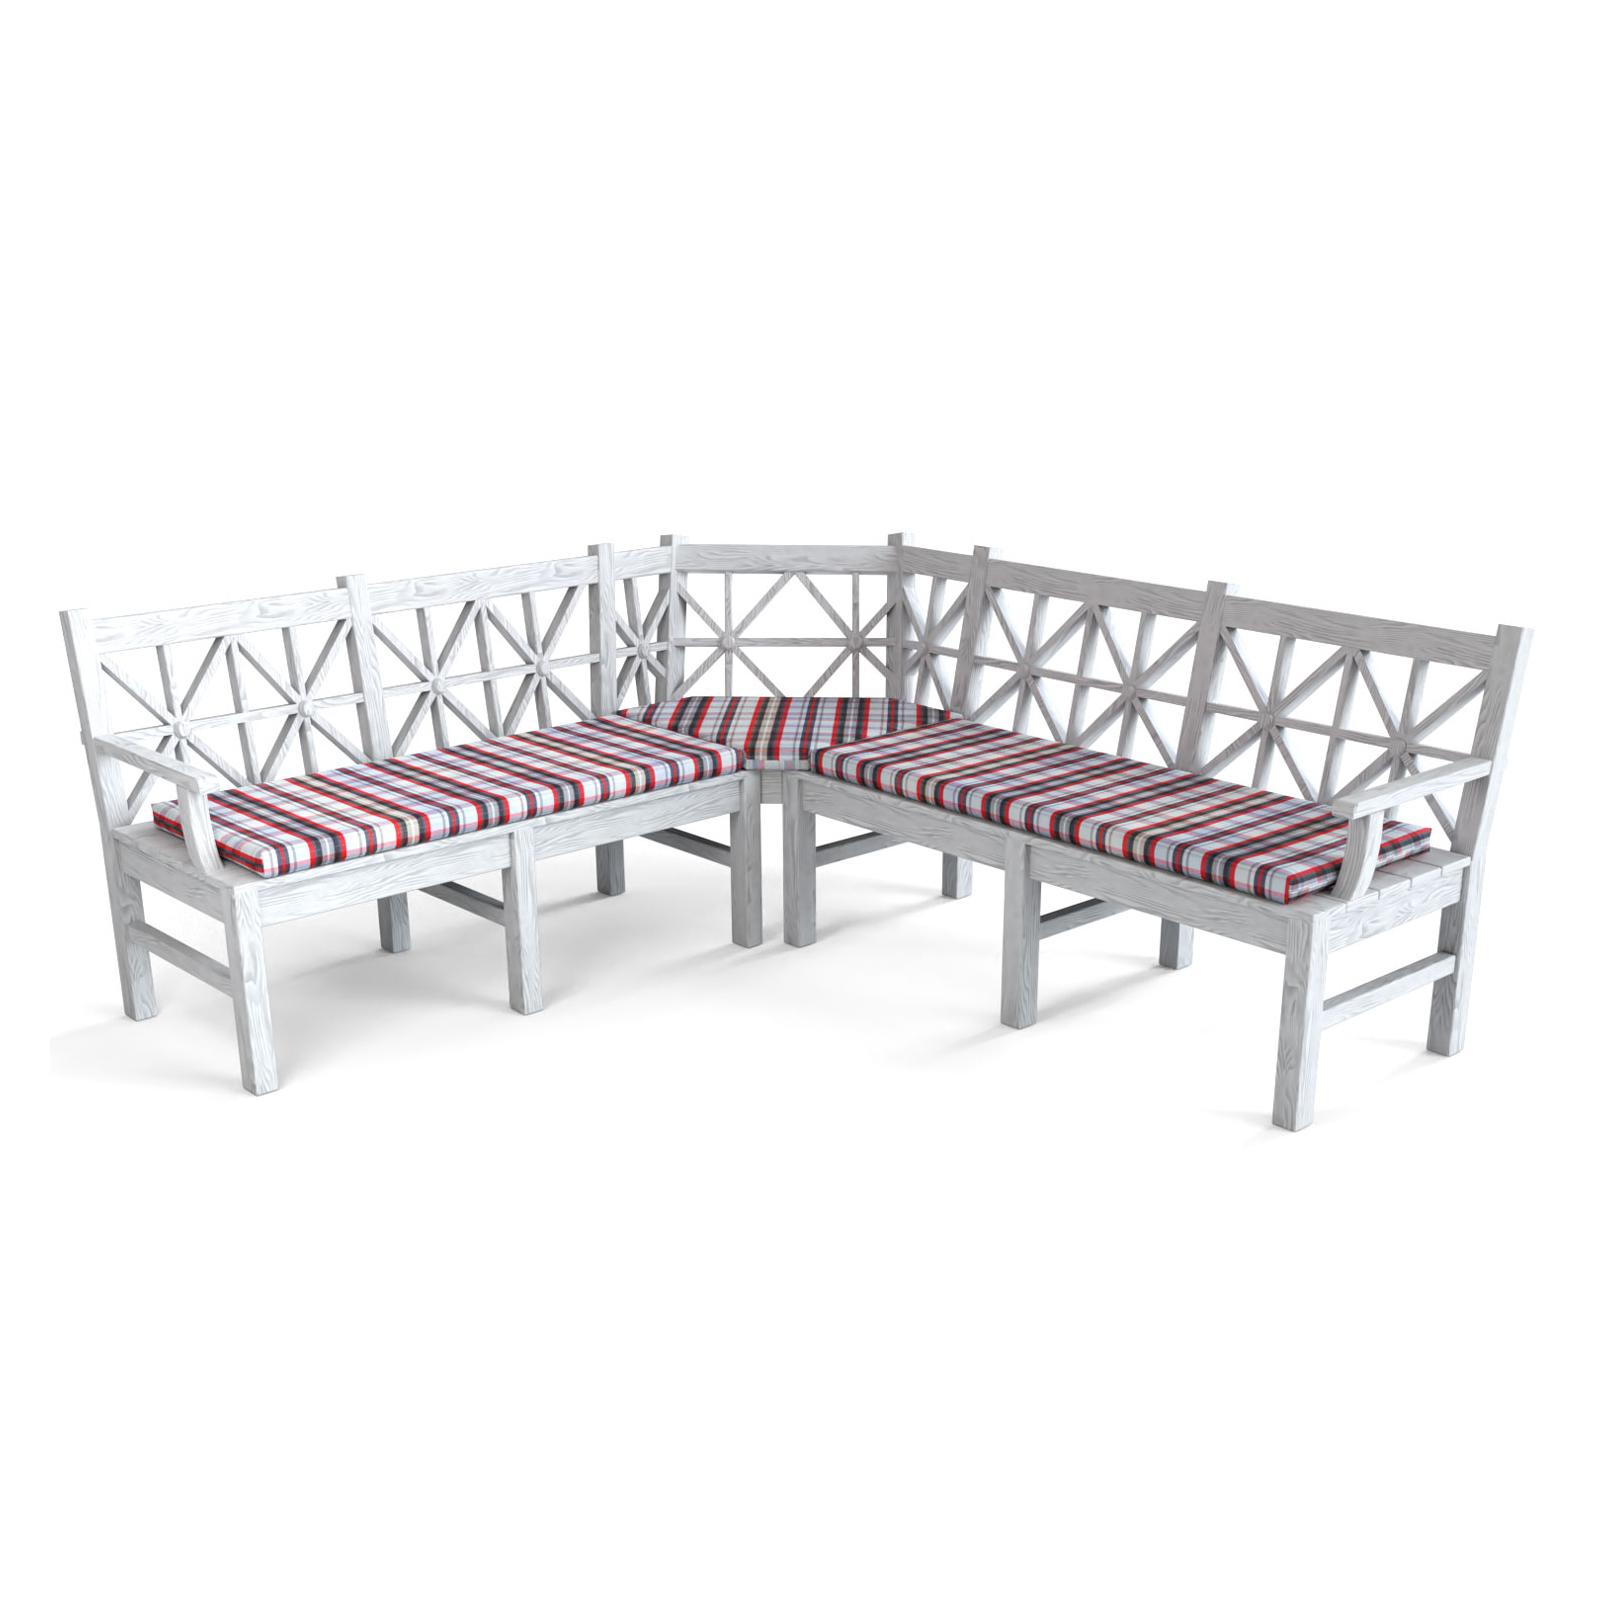 3 tlg set eckbankauflagen nach wunschma in vielen designs. Black Bedroom Furniture Sets. Home Design Ideas